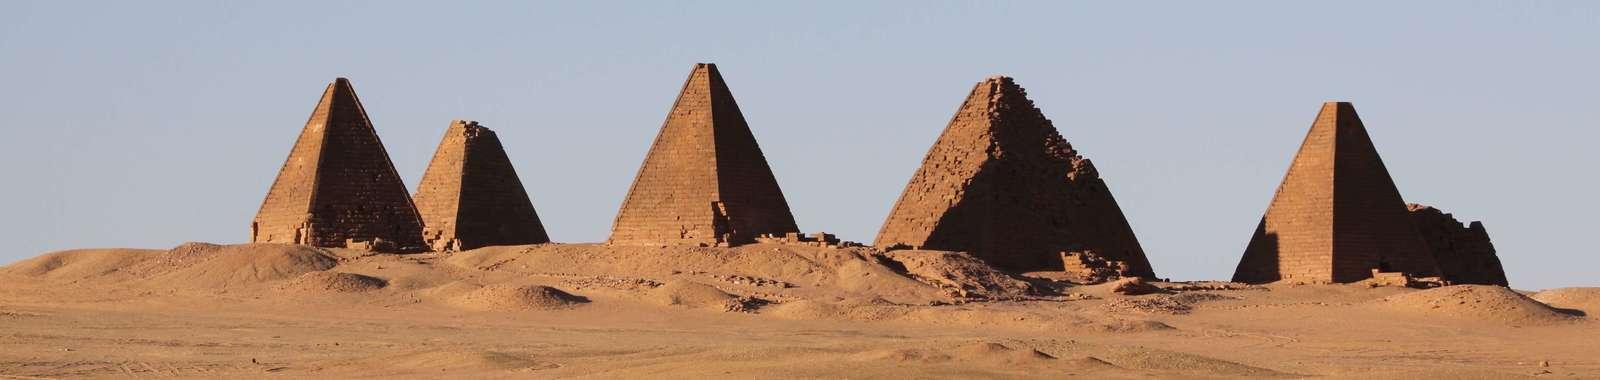 Karima_JebelBarkalpyramids